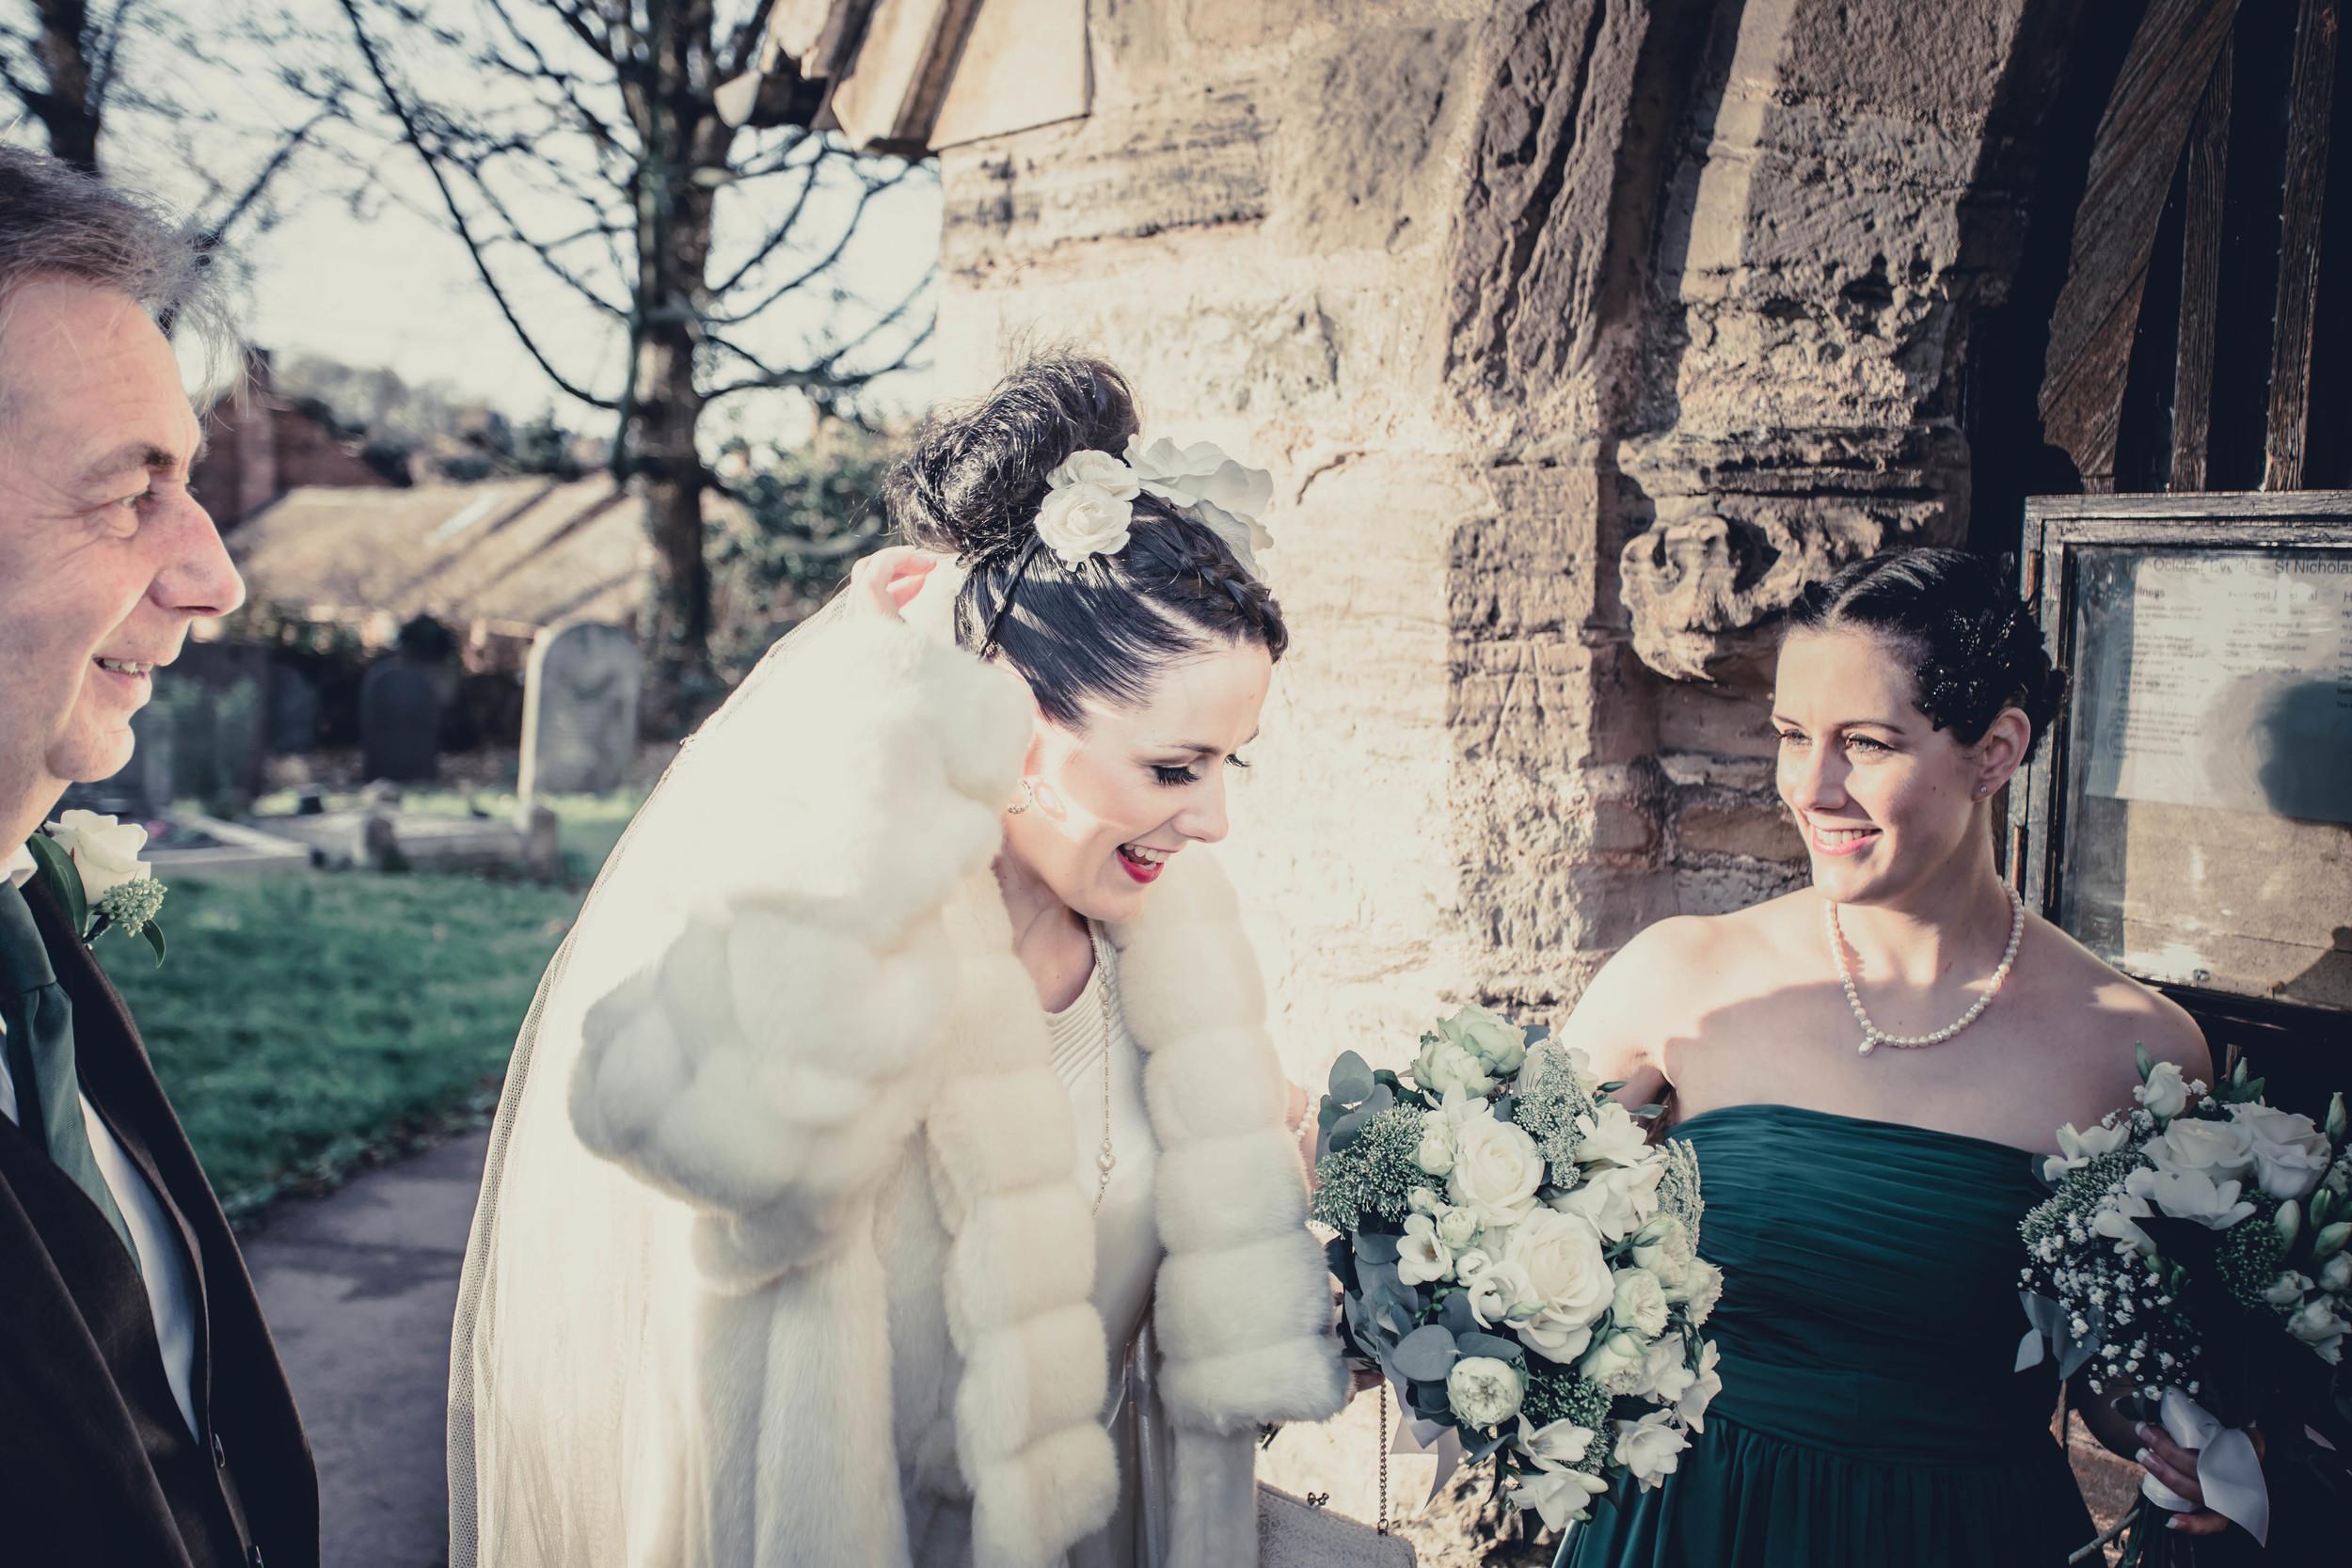 072 - Angela and Karls Wedding by www.markpugh.com -6643.jpg